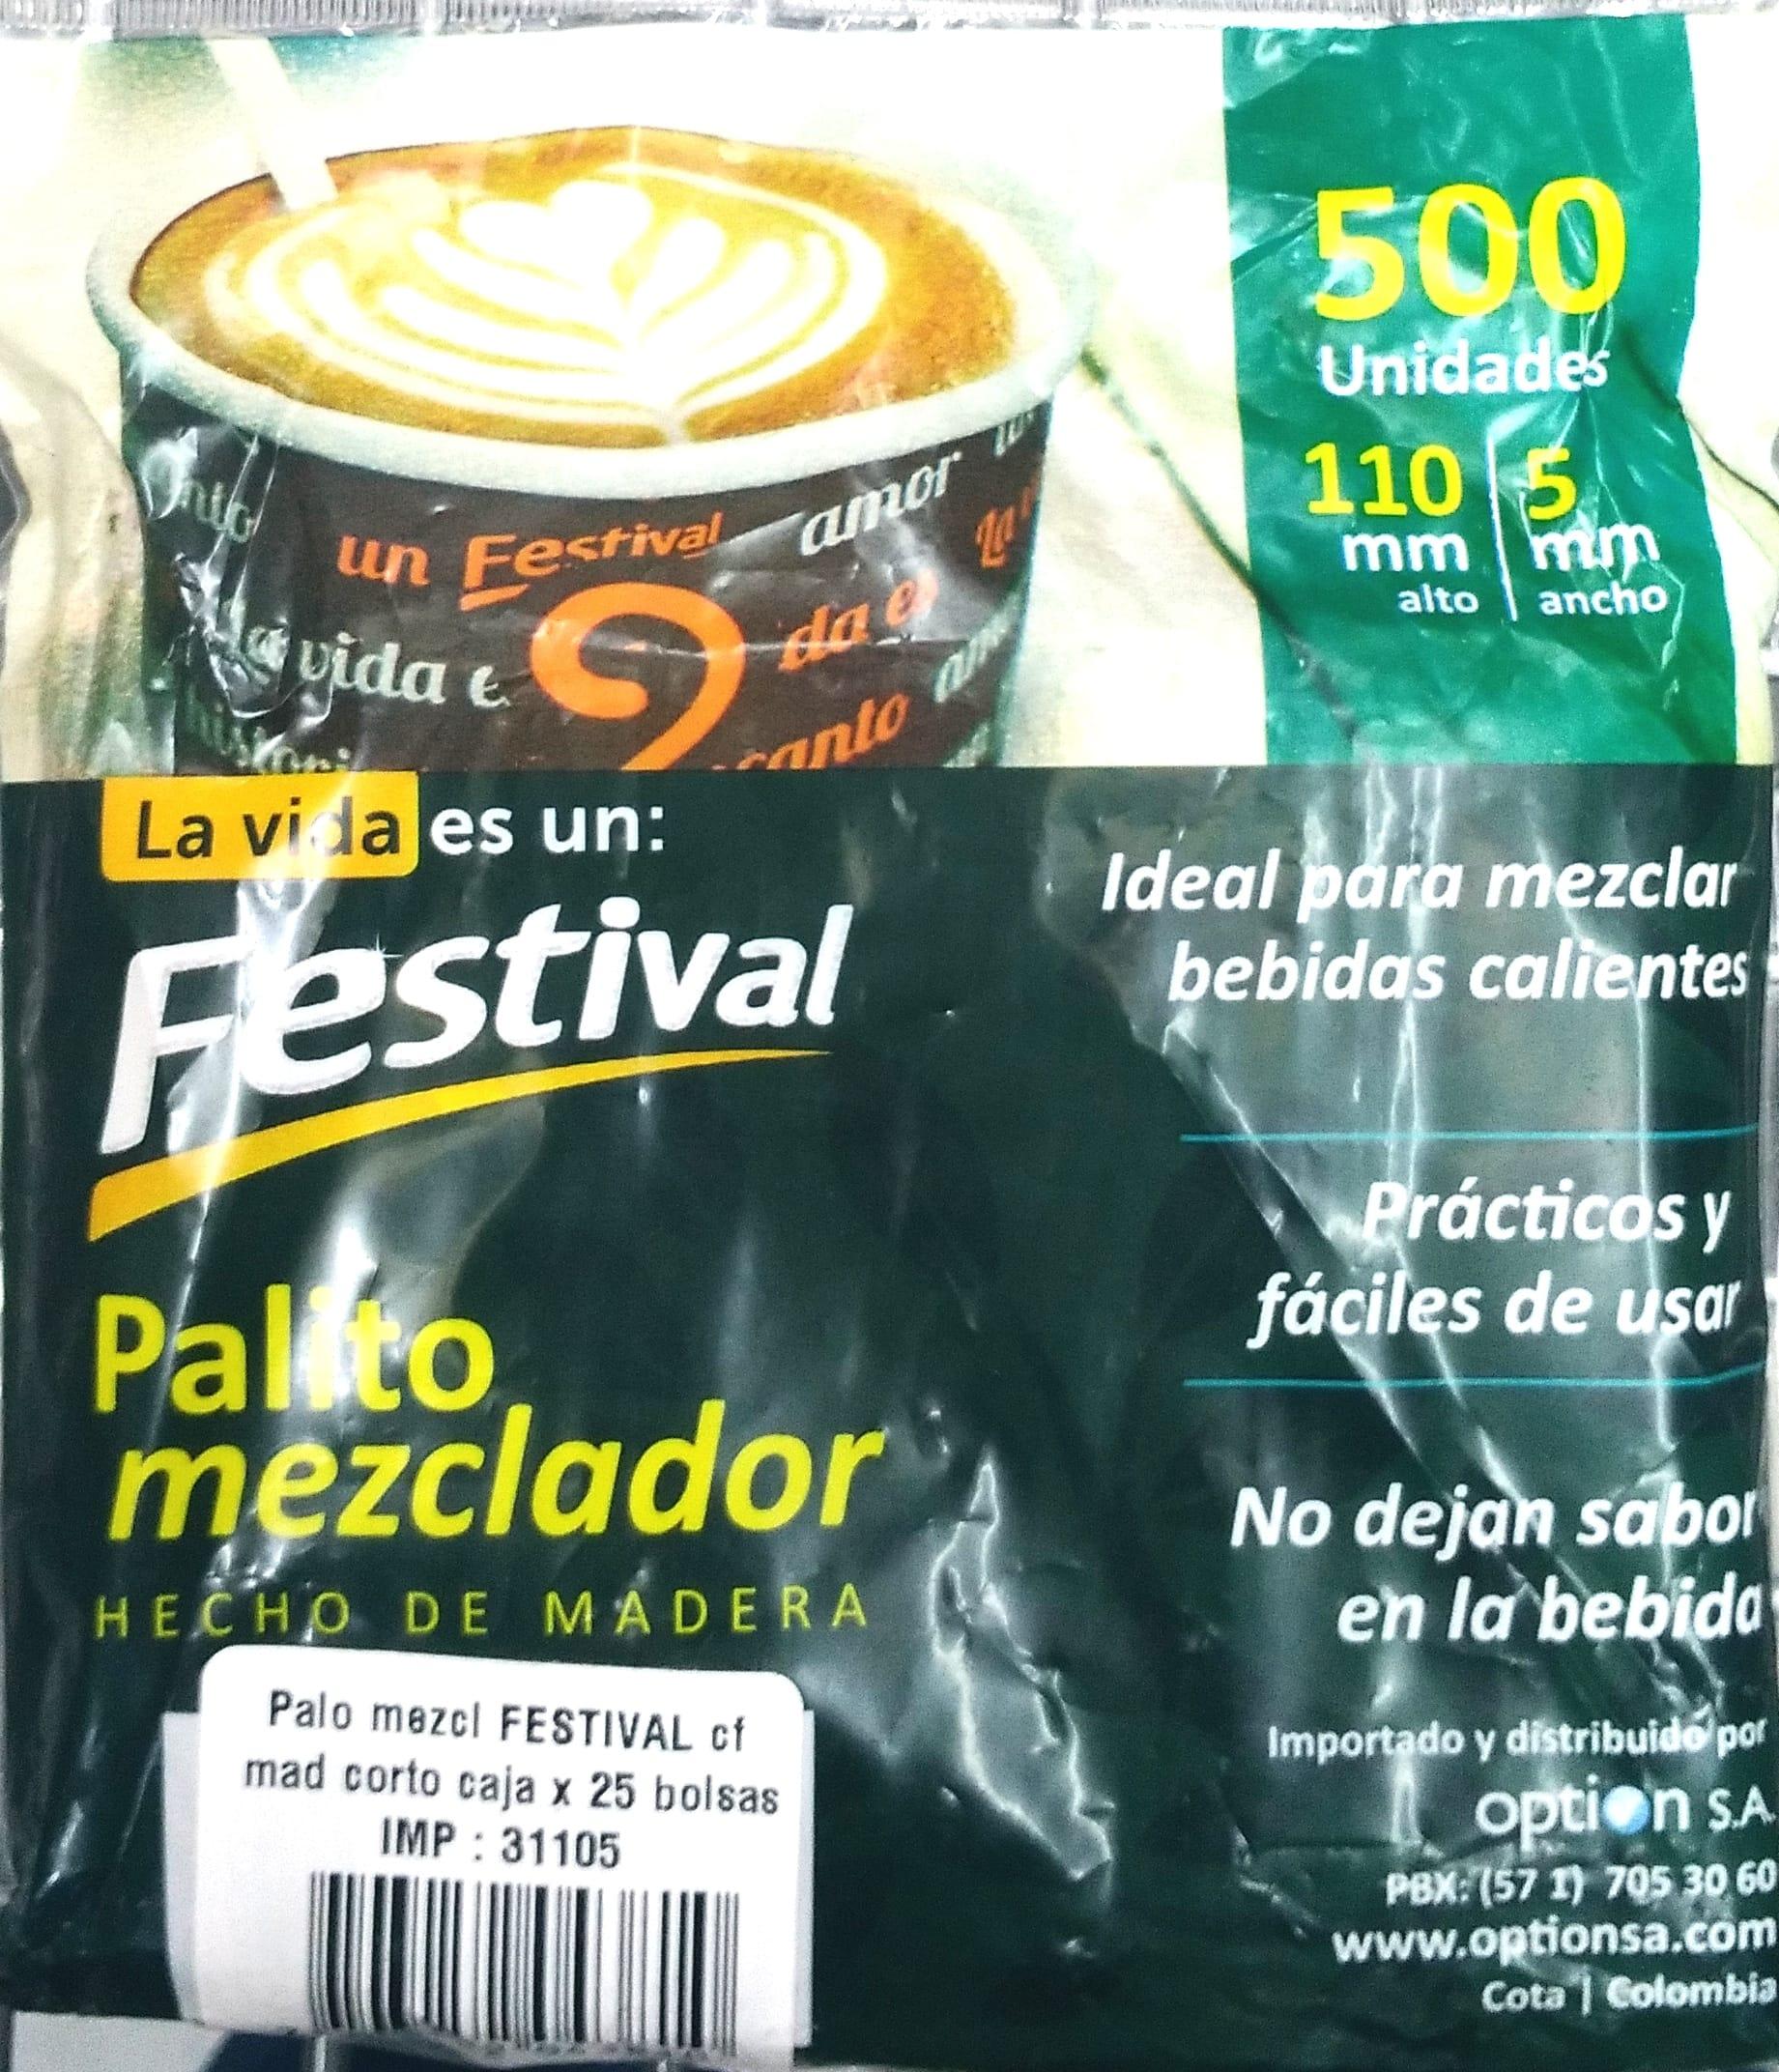 Palo Mezclador Festival Madera 500und